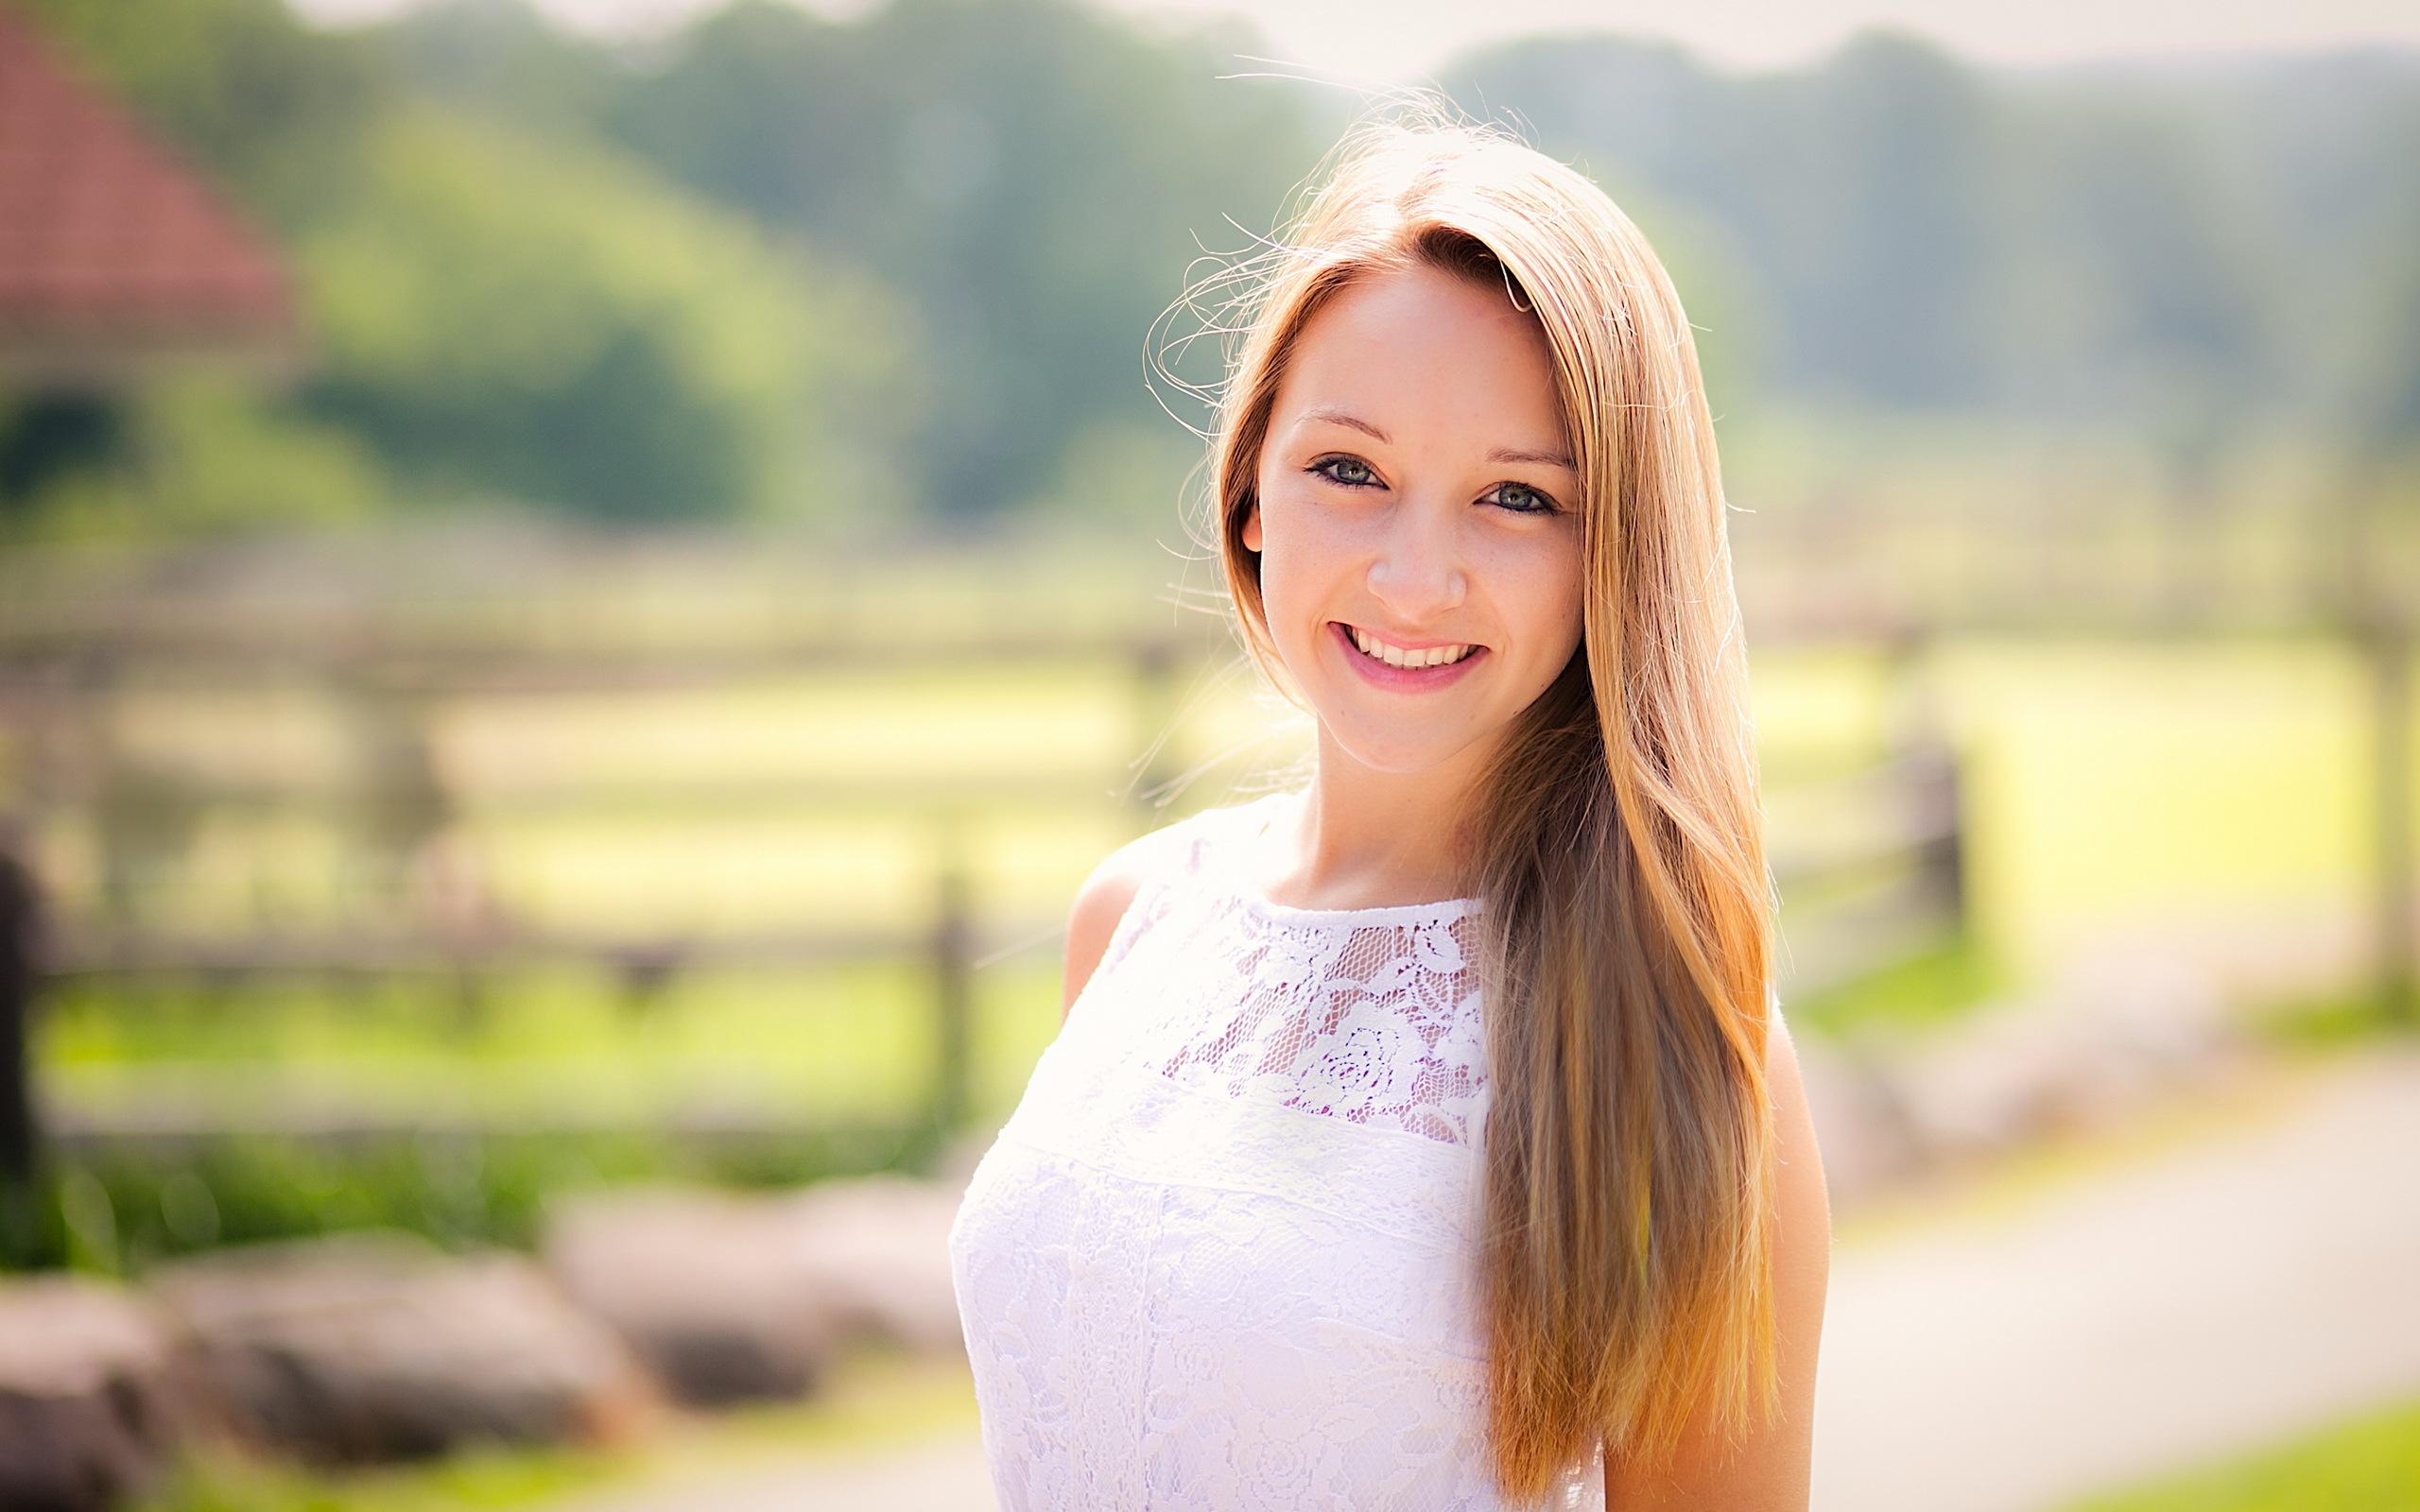 배경 화면 자연 햇빛 웃는 소녀 2560x1600 HD 그림, 이미지